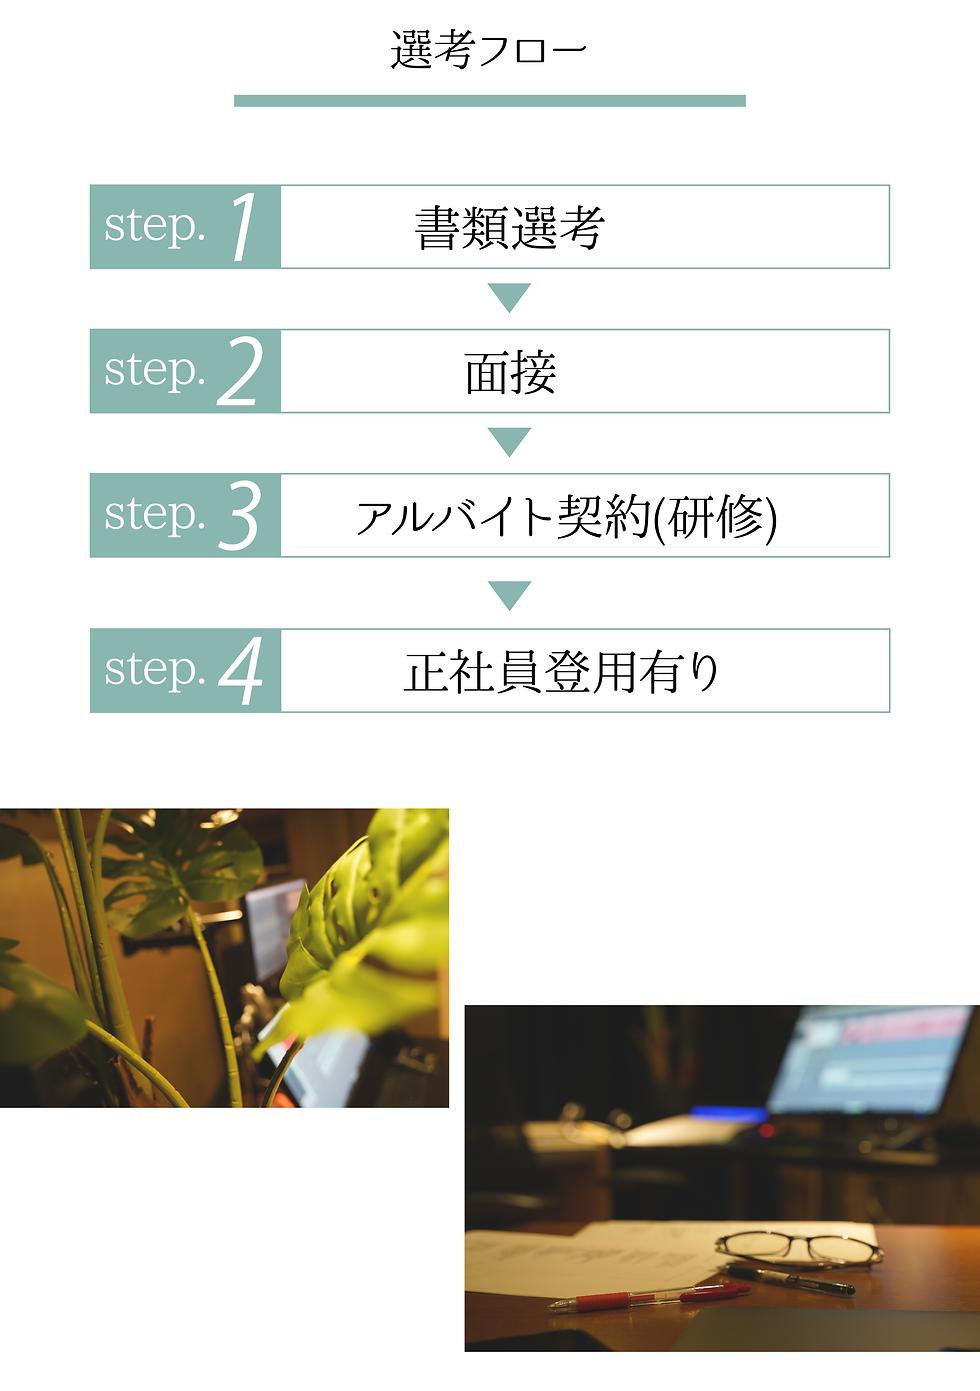 求人LP_スタッフ05_アートボード 1.png